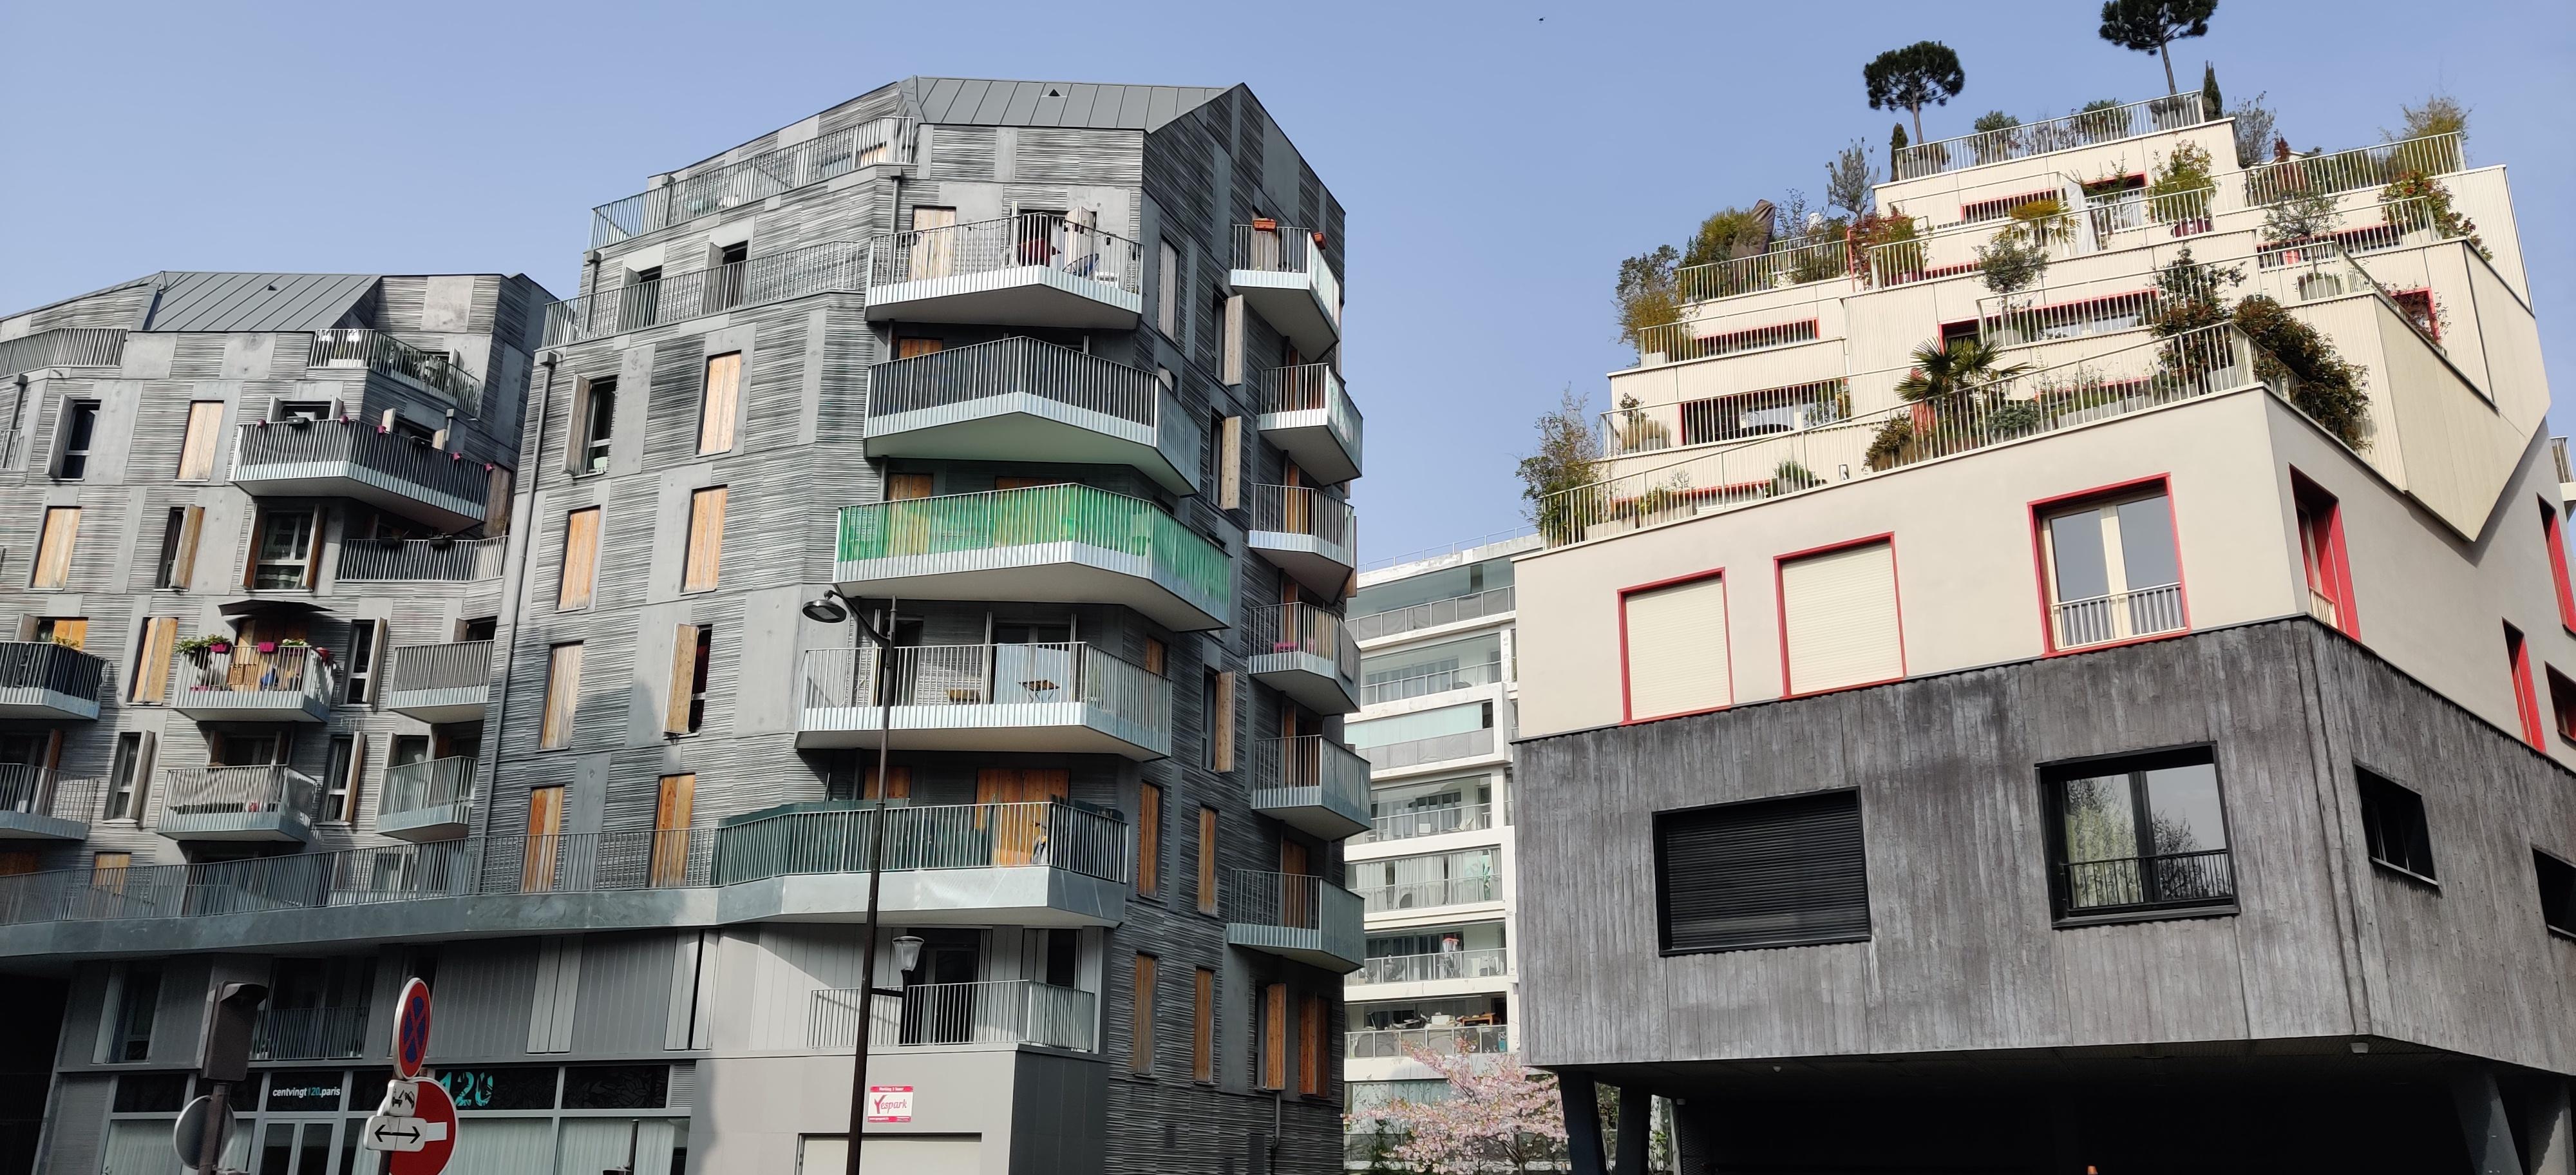 Immeuble ville de demain ZAC Saussure-Cardinet écoquartier Paris 17eme Arrondissement  Végétalisation urbain balcon architecture parisienne urbanisme